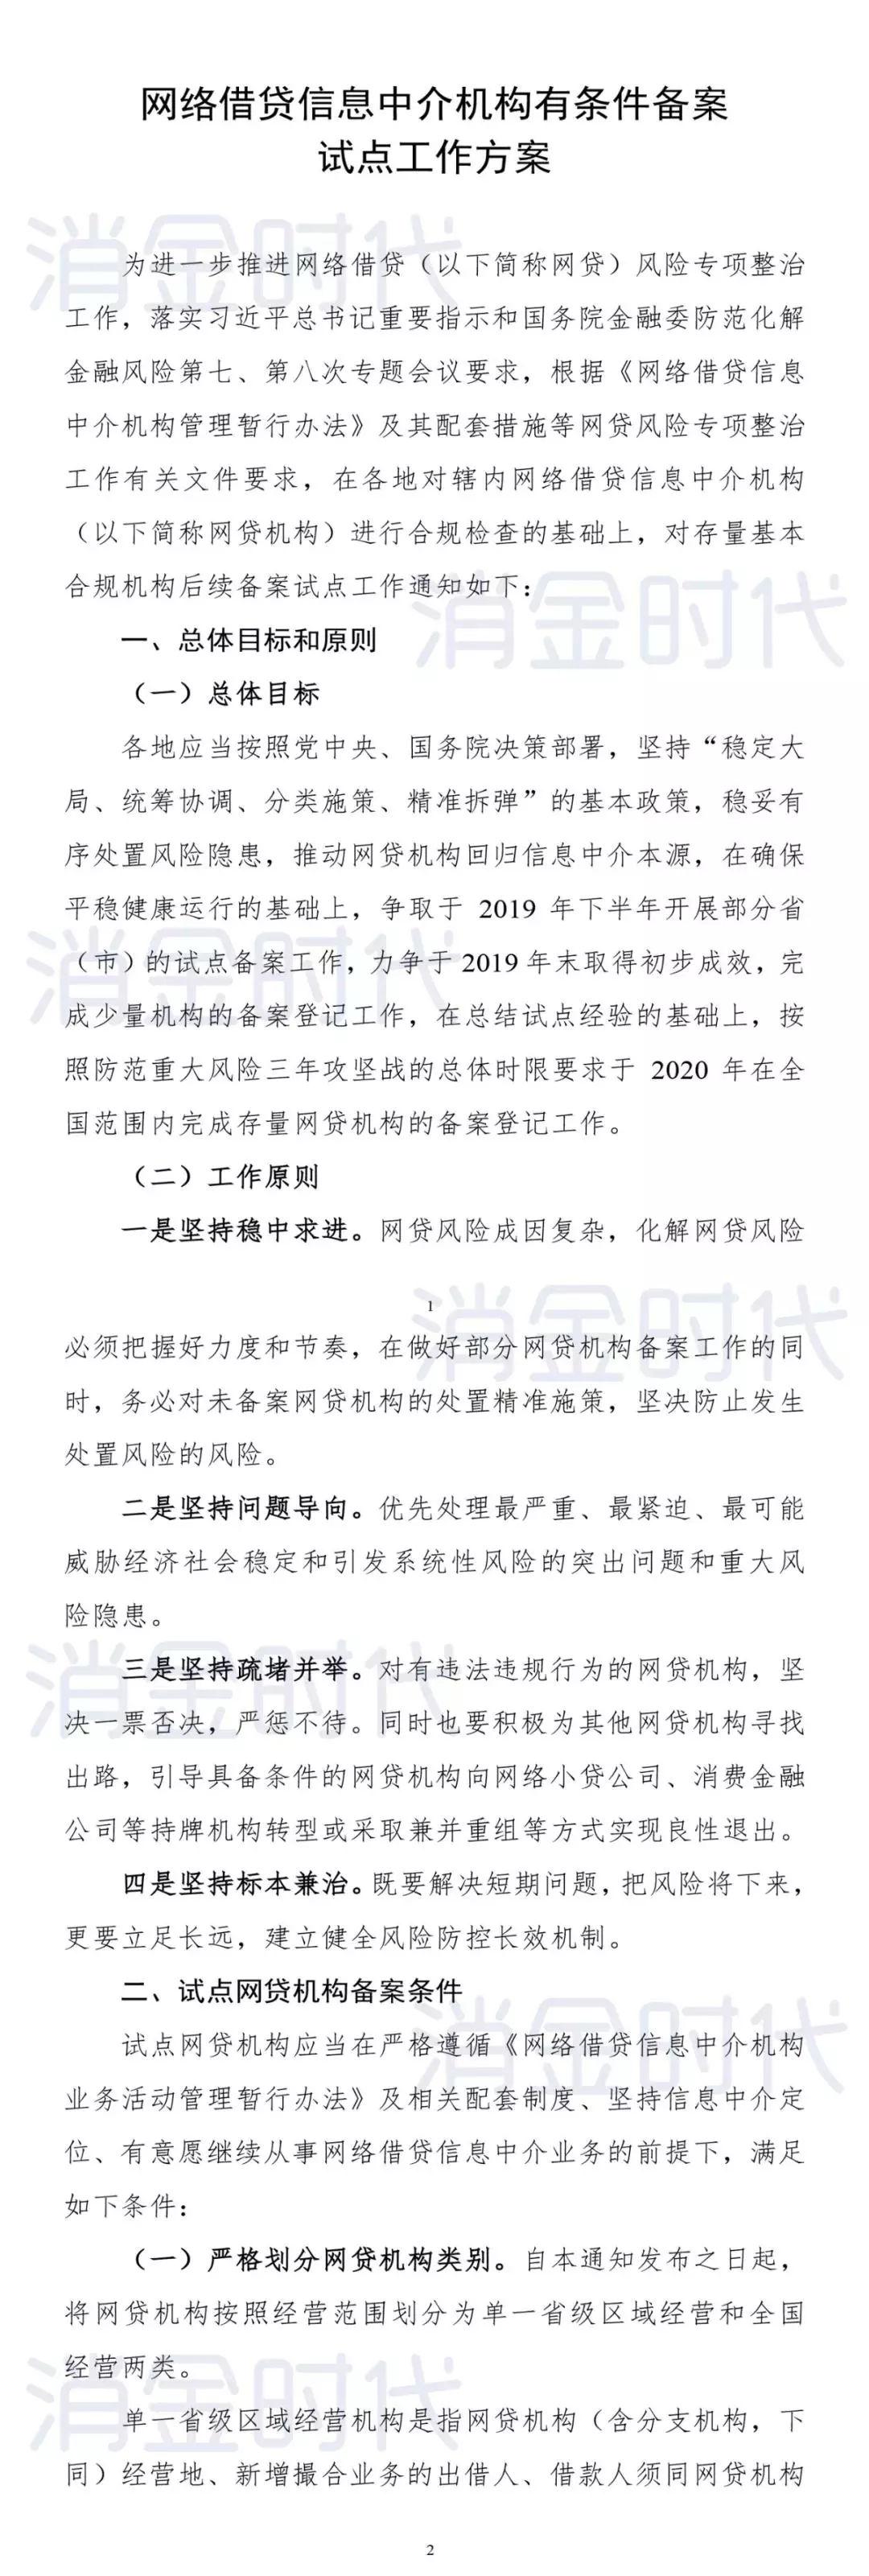 [網傳P2P備案試點方案細則 正式啟動不晚于6月末] 天津職級并行試點方案